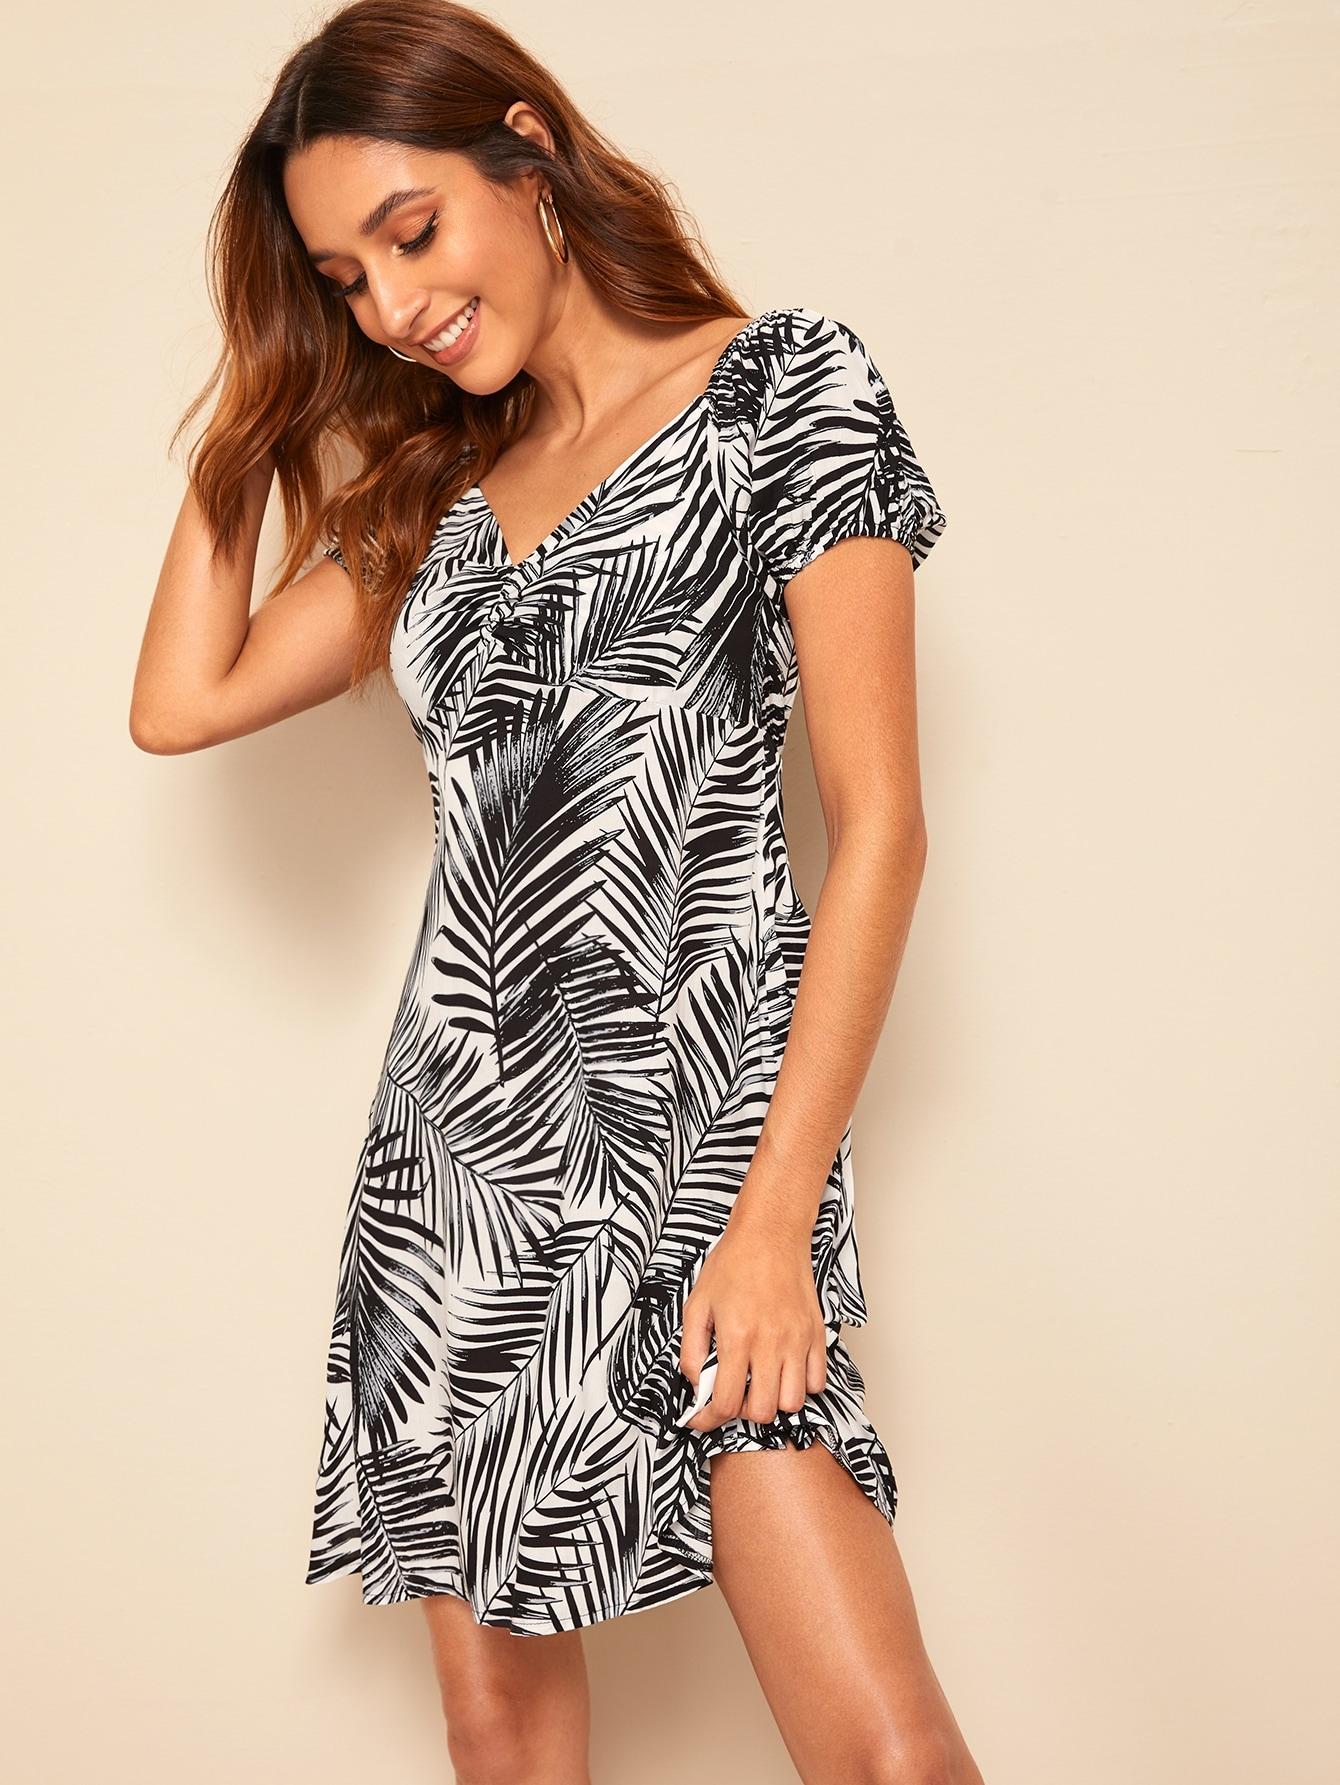 Фото - Платье с тропическим принтом и вырезом-сердечко от SheIn цвет чёрнобелые